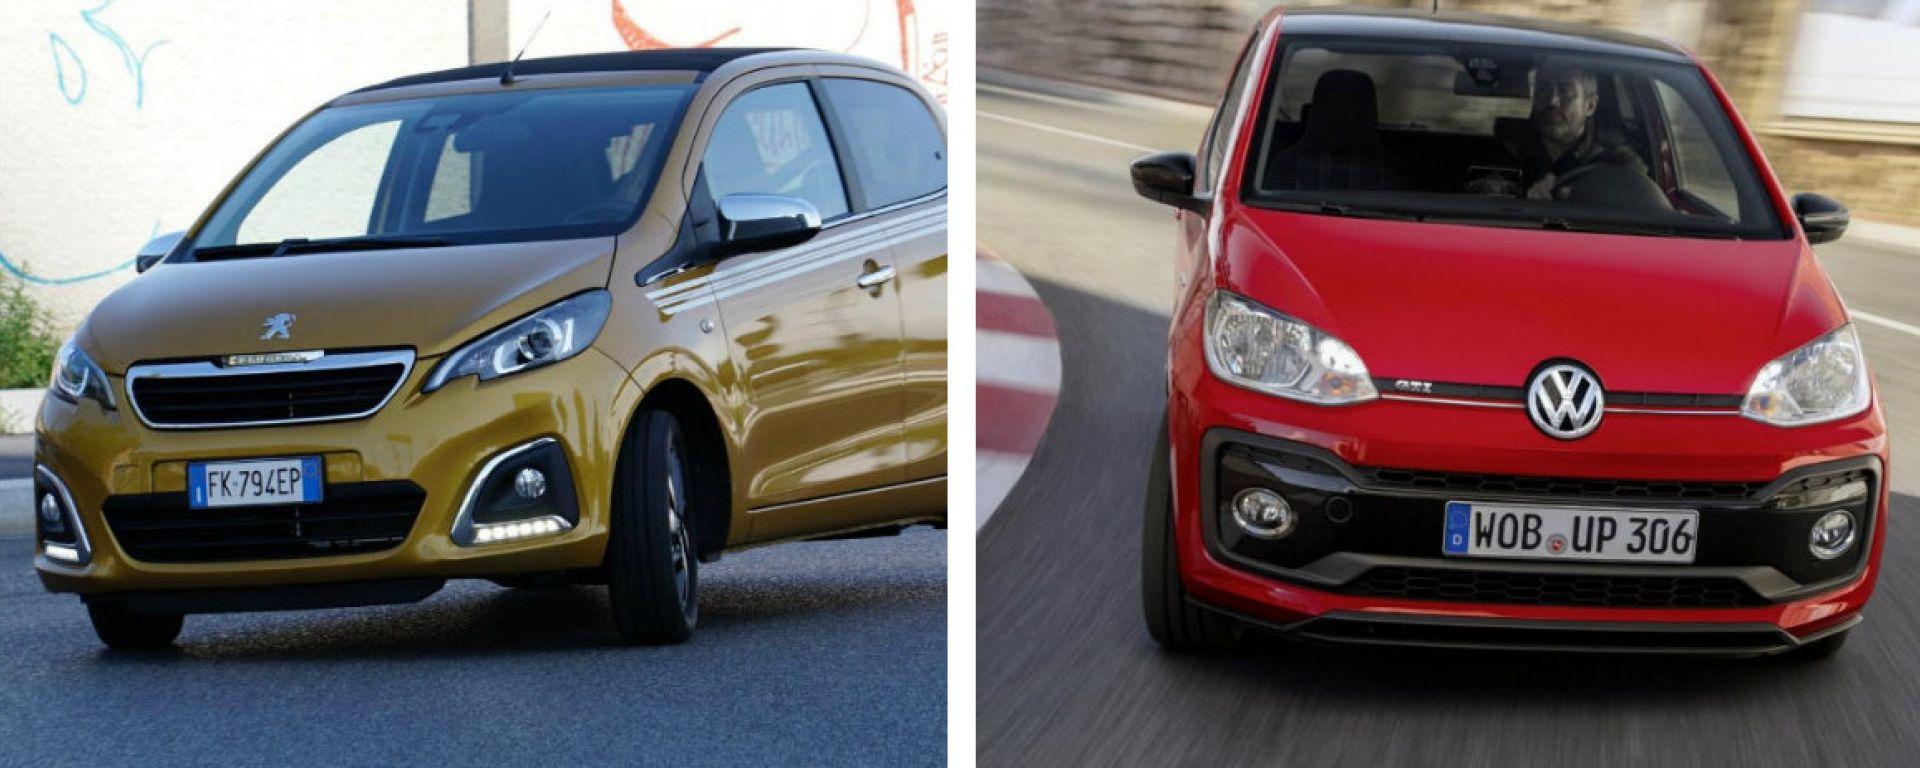 Volkswagen up! e Peugeot 108: fine della corsa?